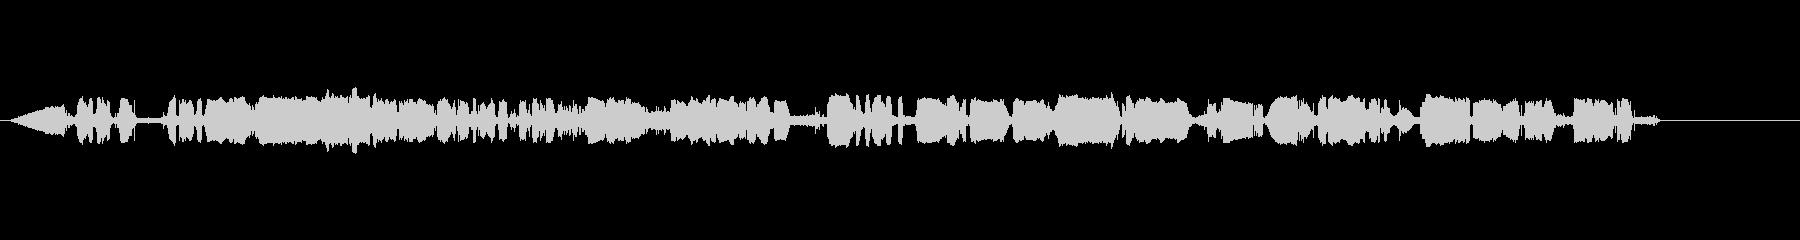 デンマークのラジオスキャンの未再生の波形